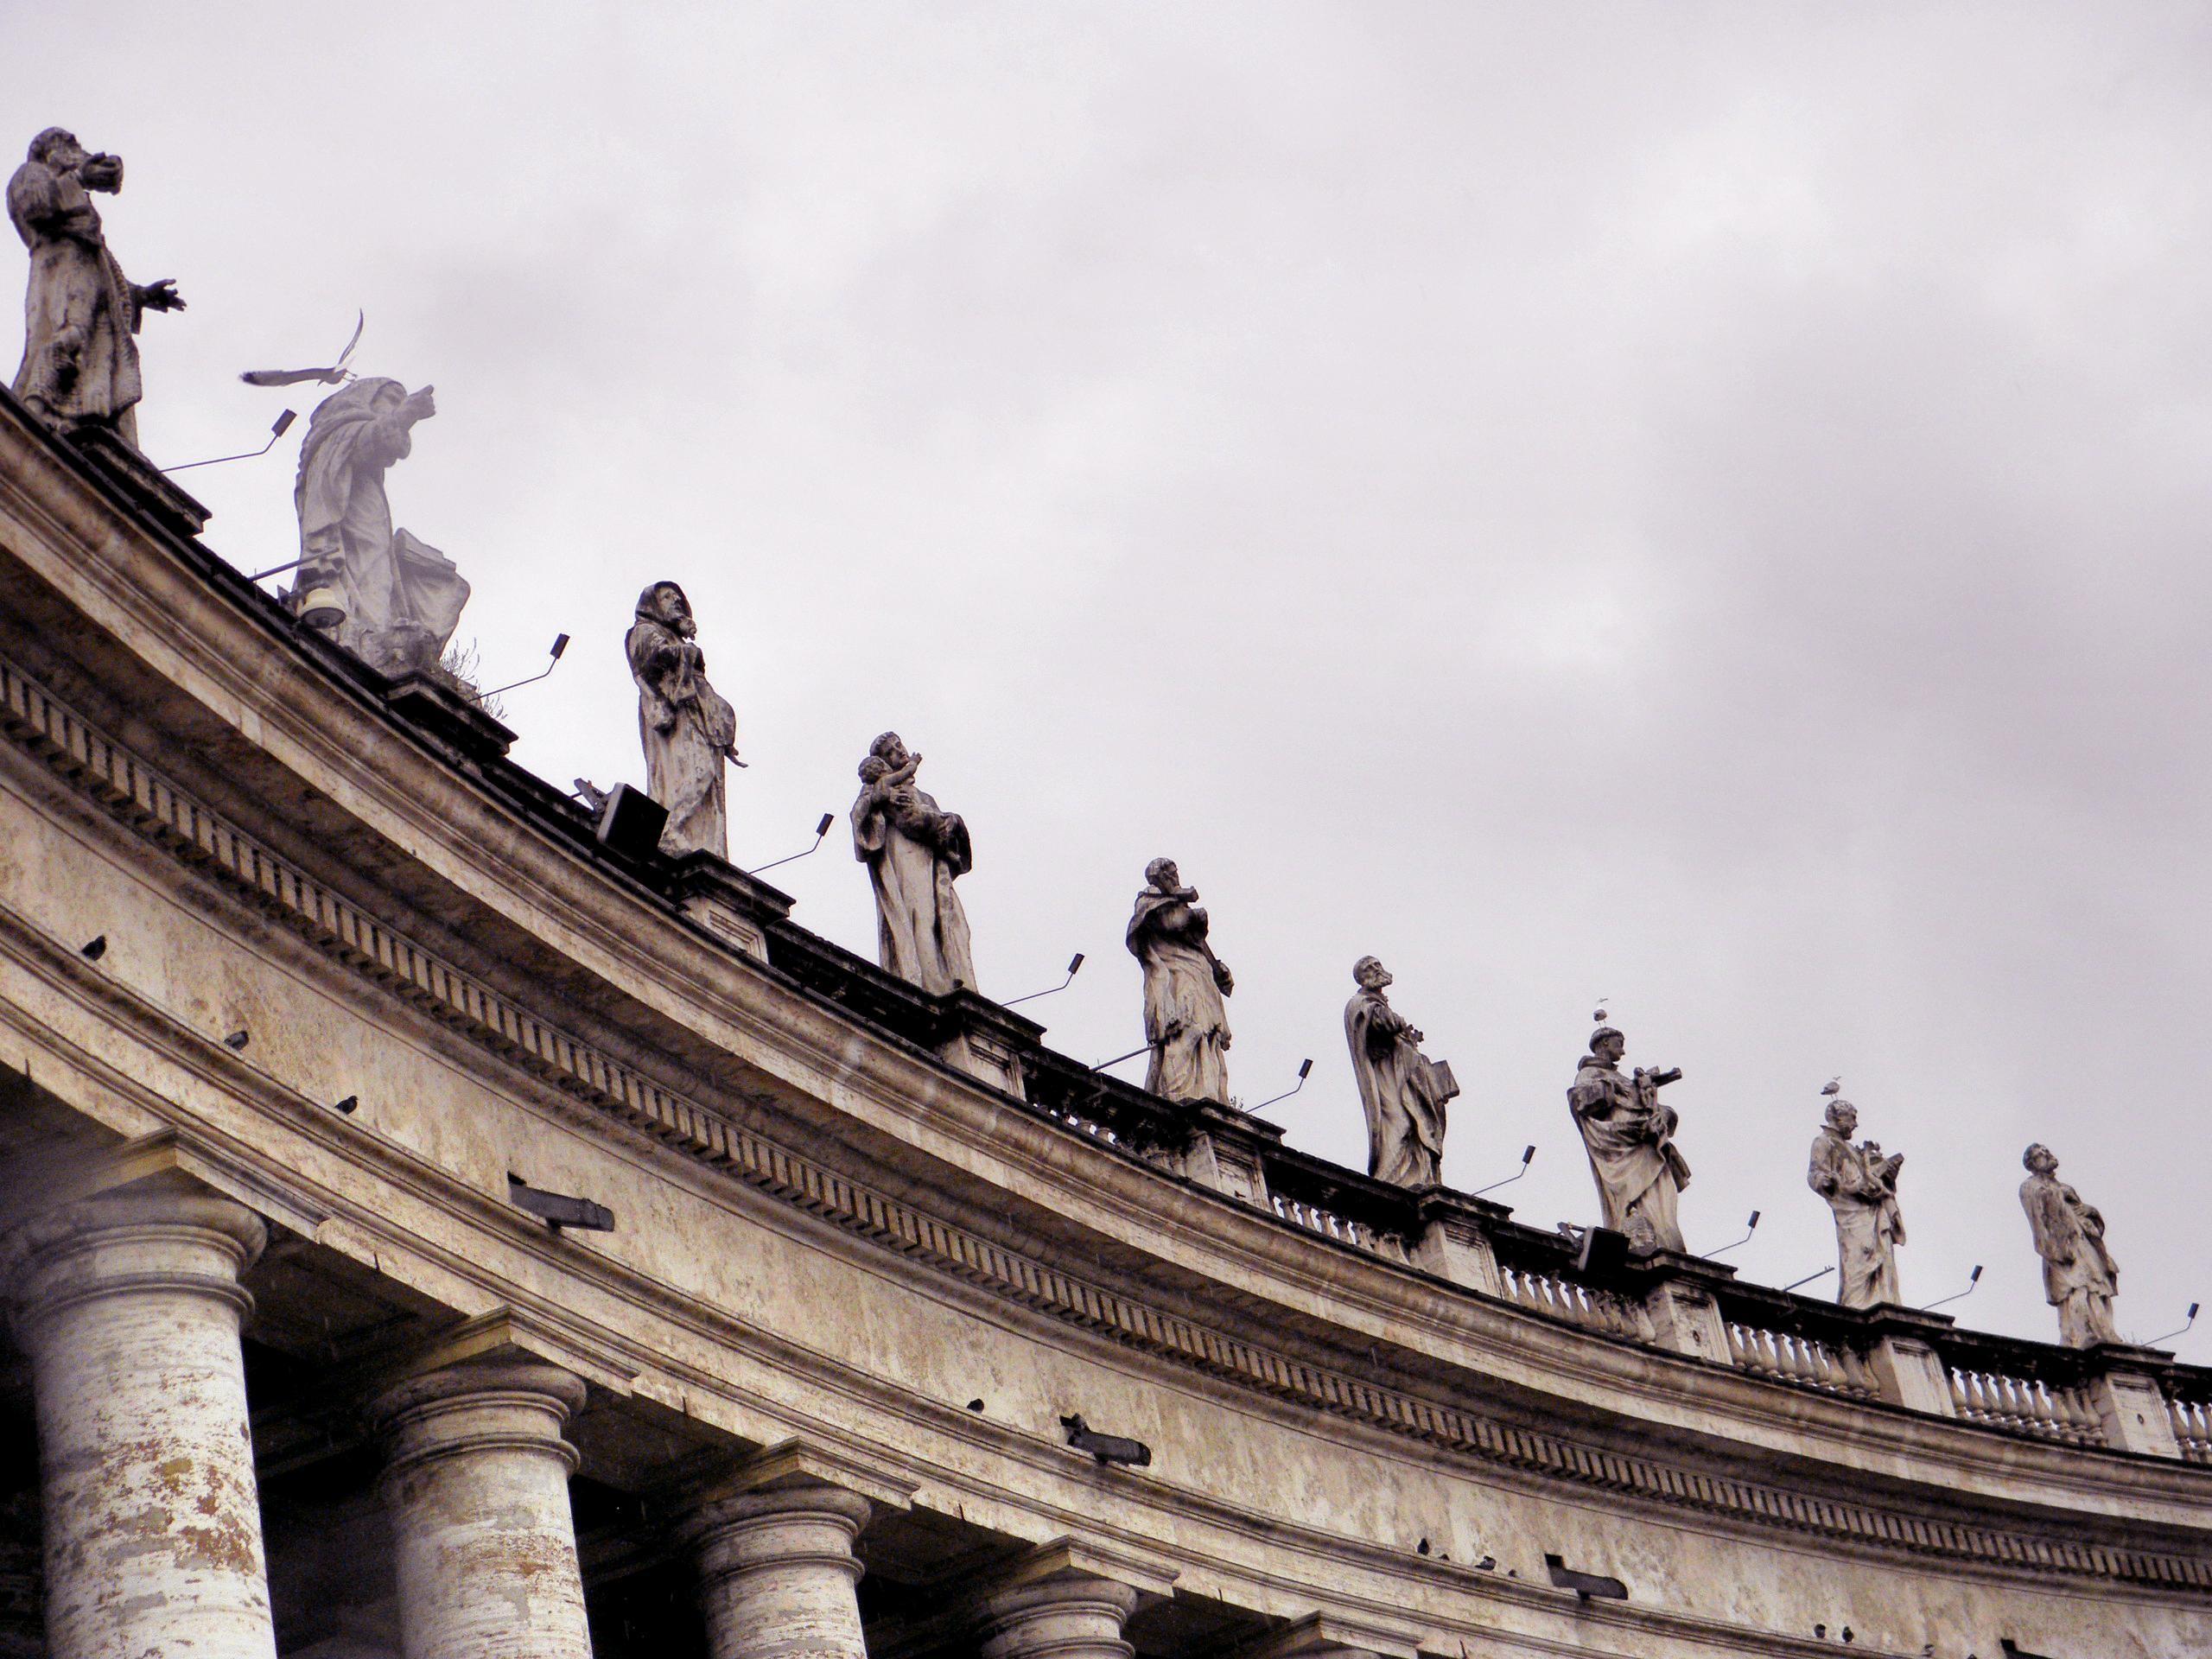 Res: 2560x1920, Vatican In Rome